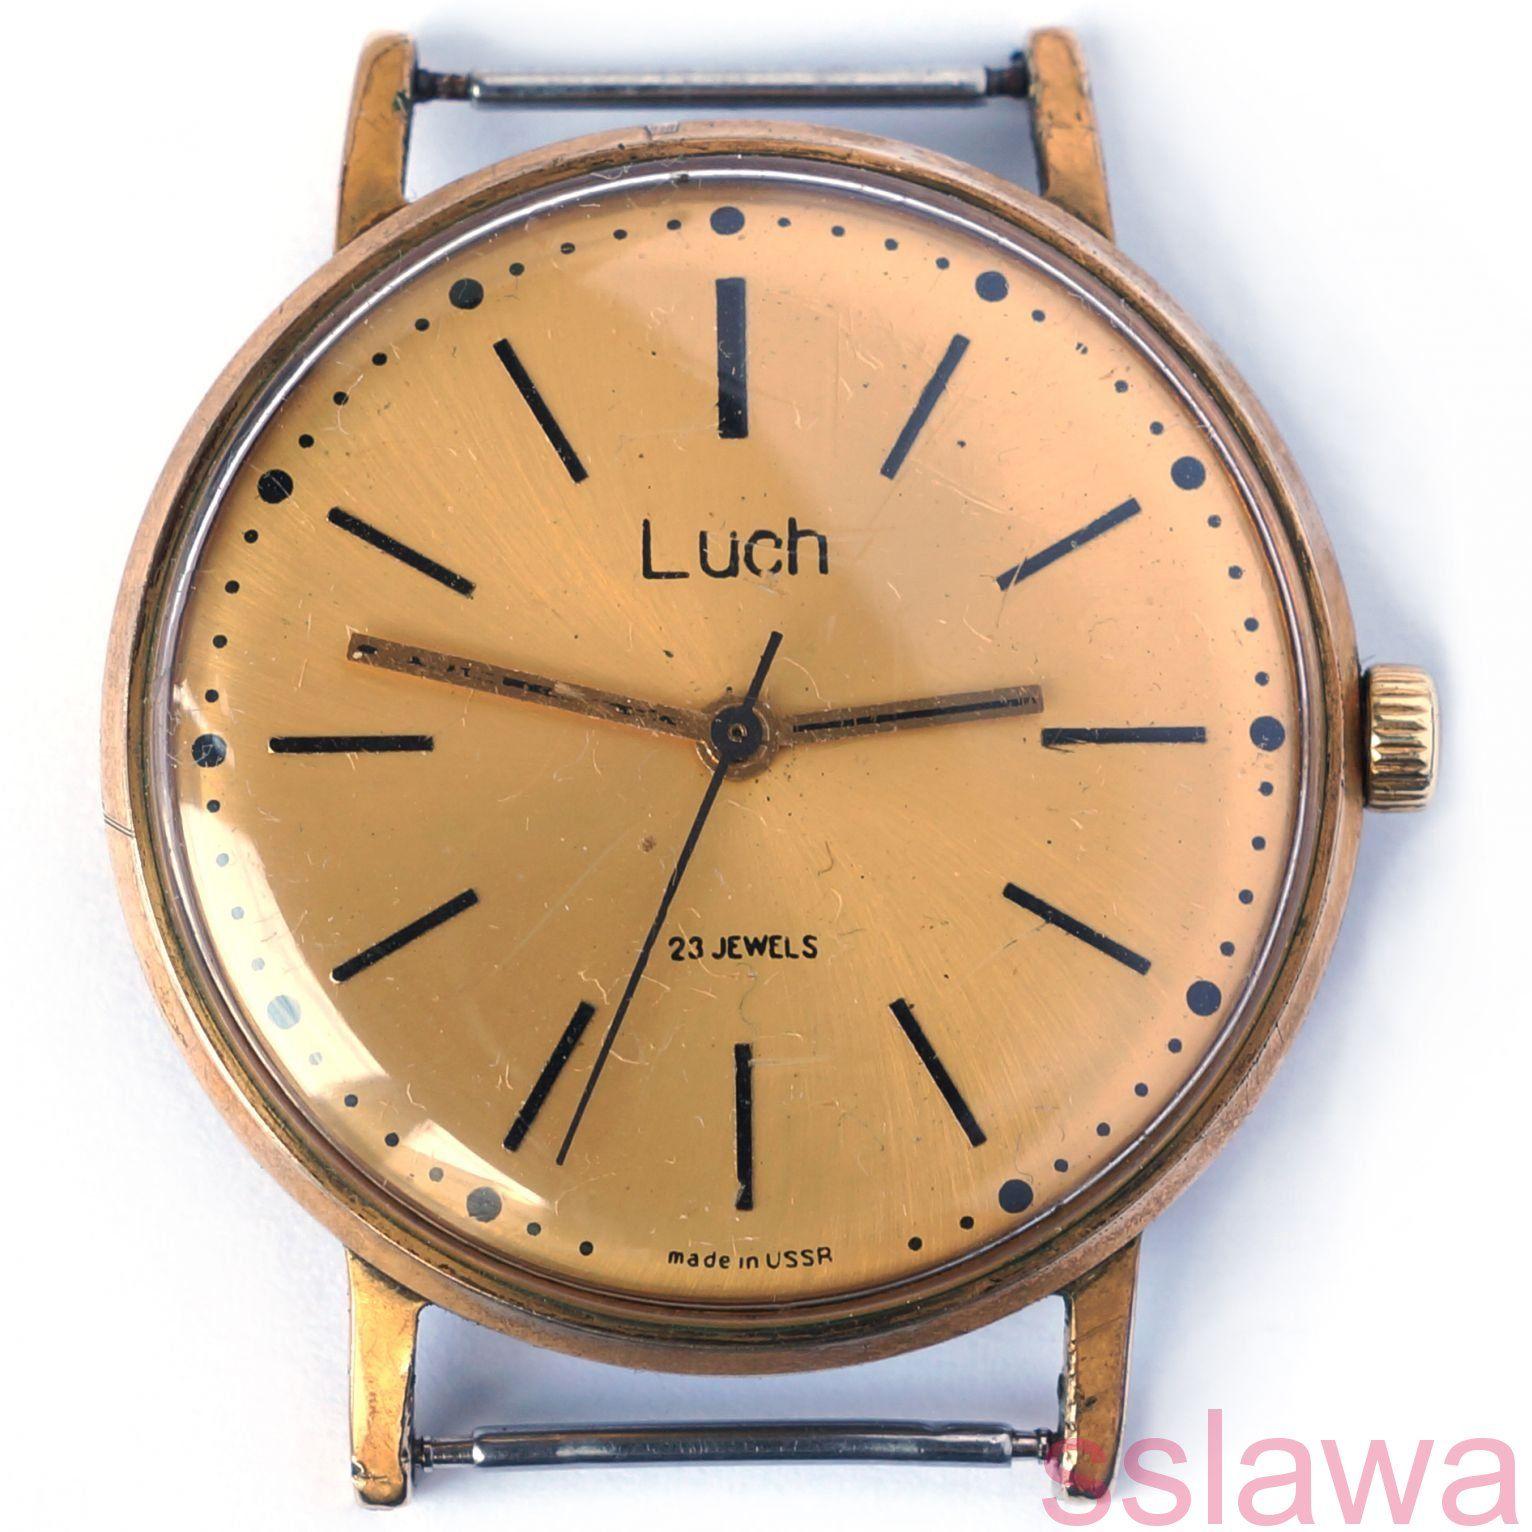 В ссср сделанных стоимость часов луч и часы позолоченные ракета ссср стоимость каталог